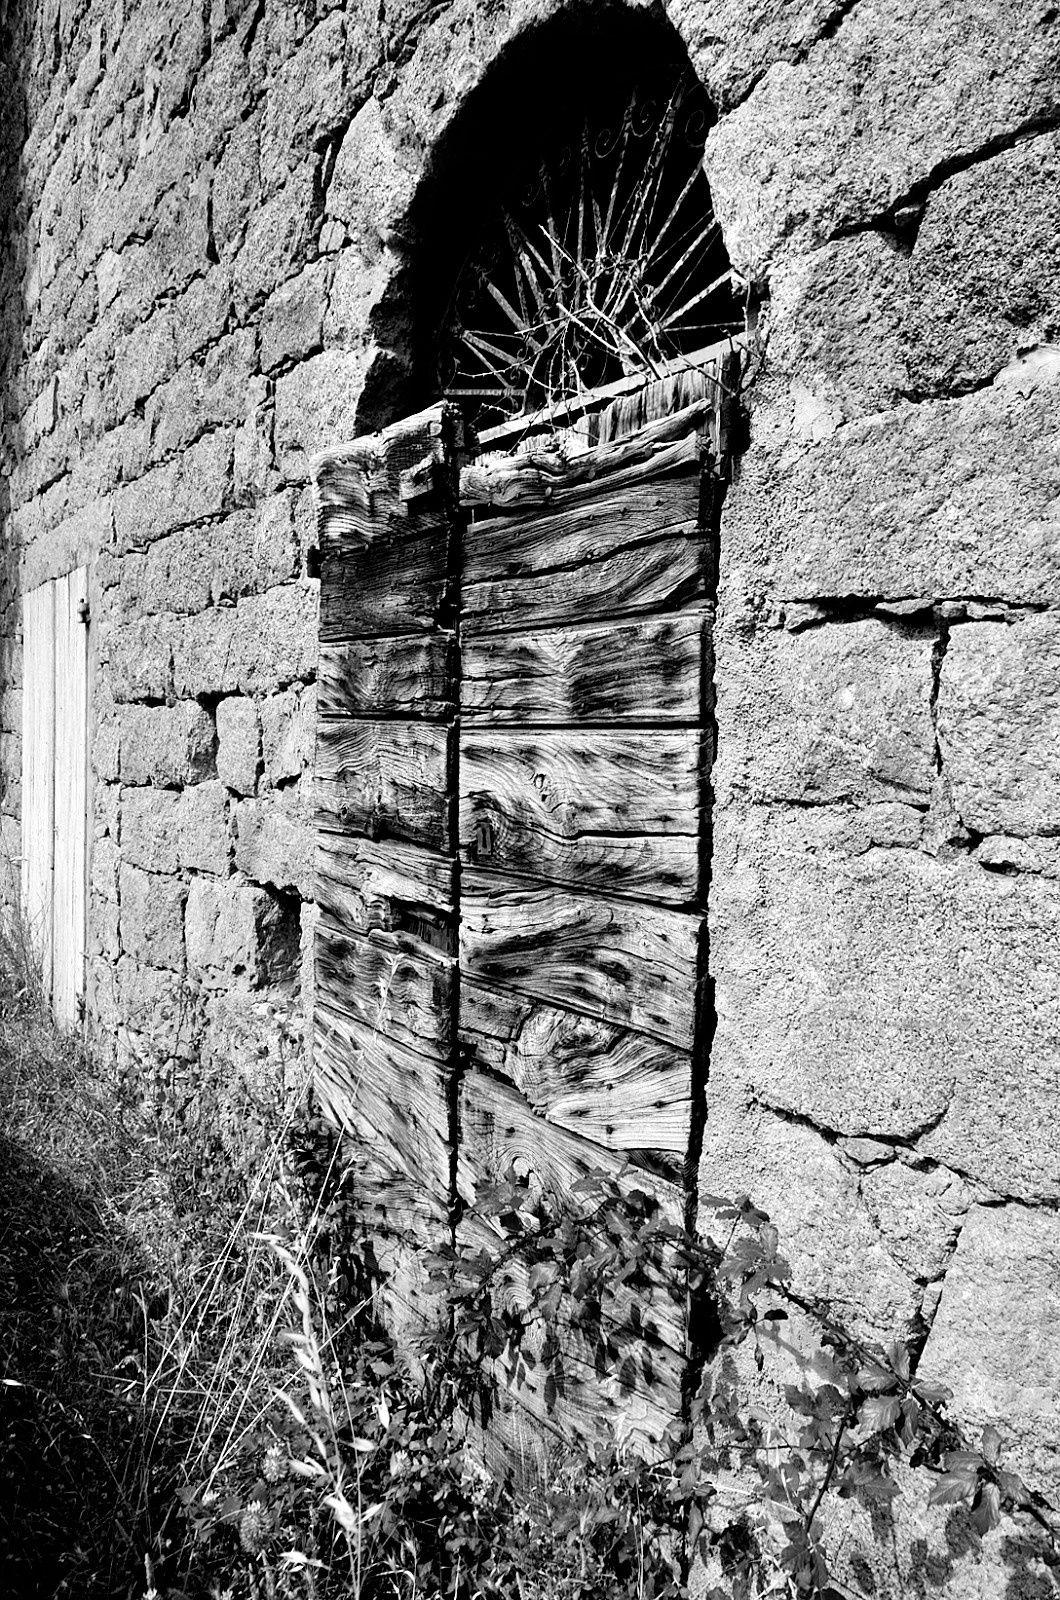 Sur la route d'Ajaccio par Pila-Canale